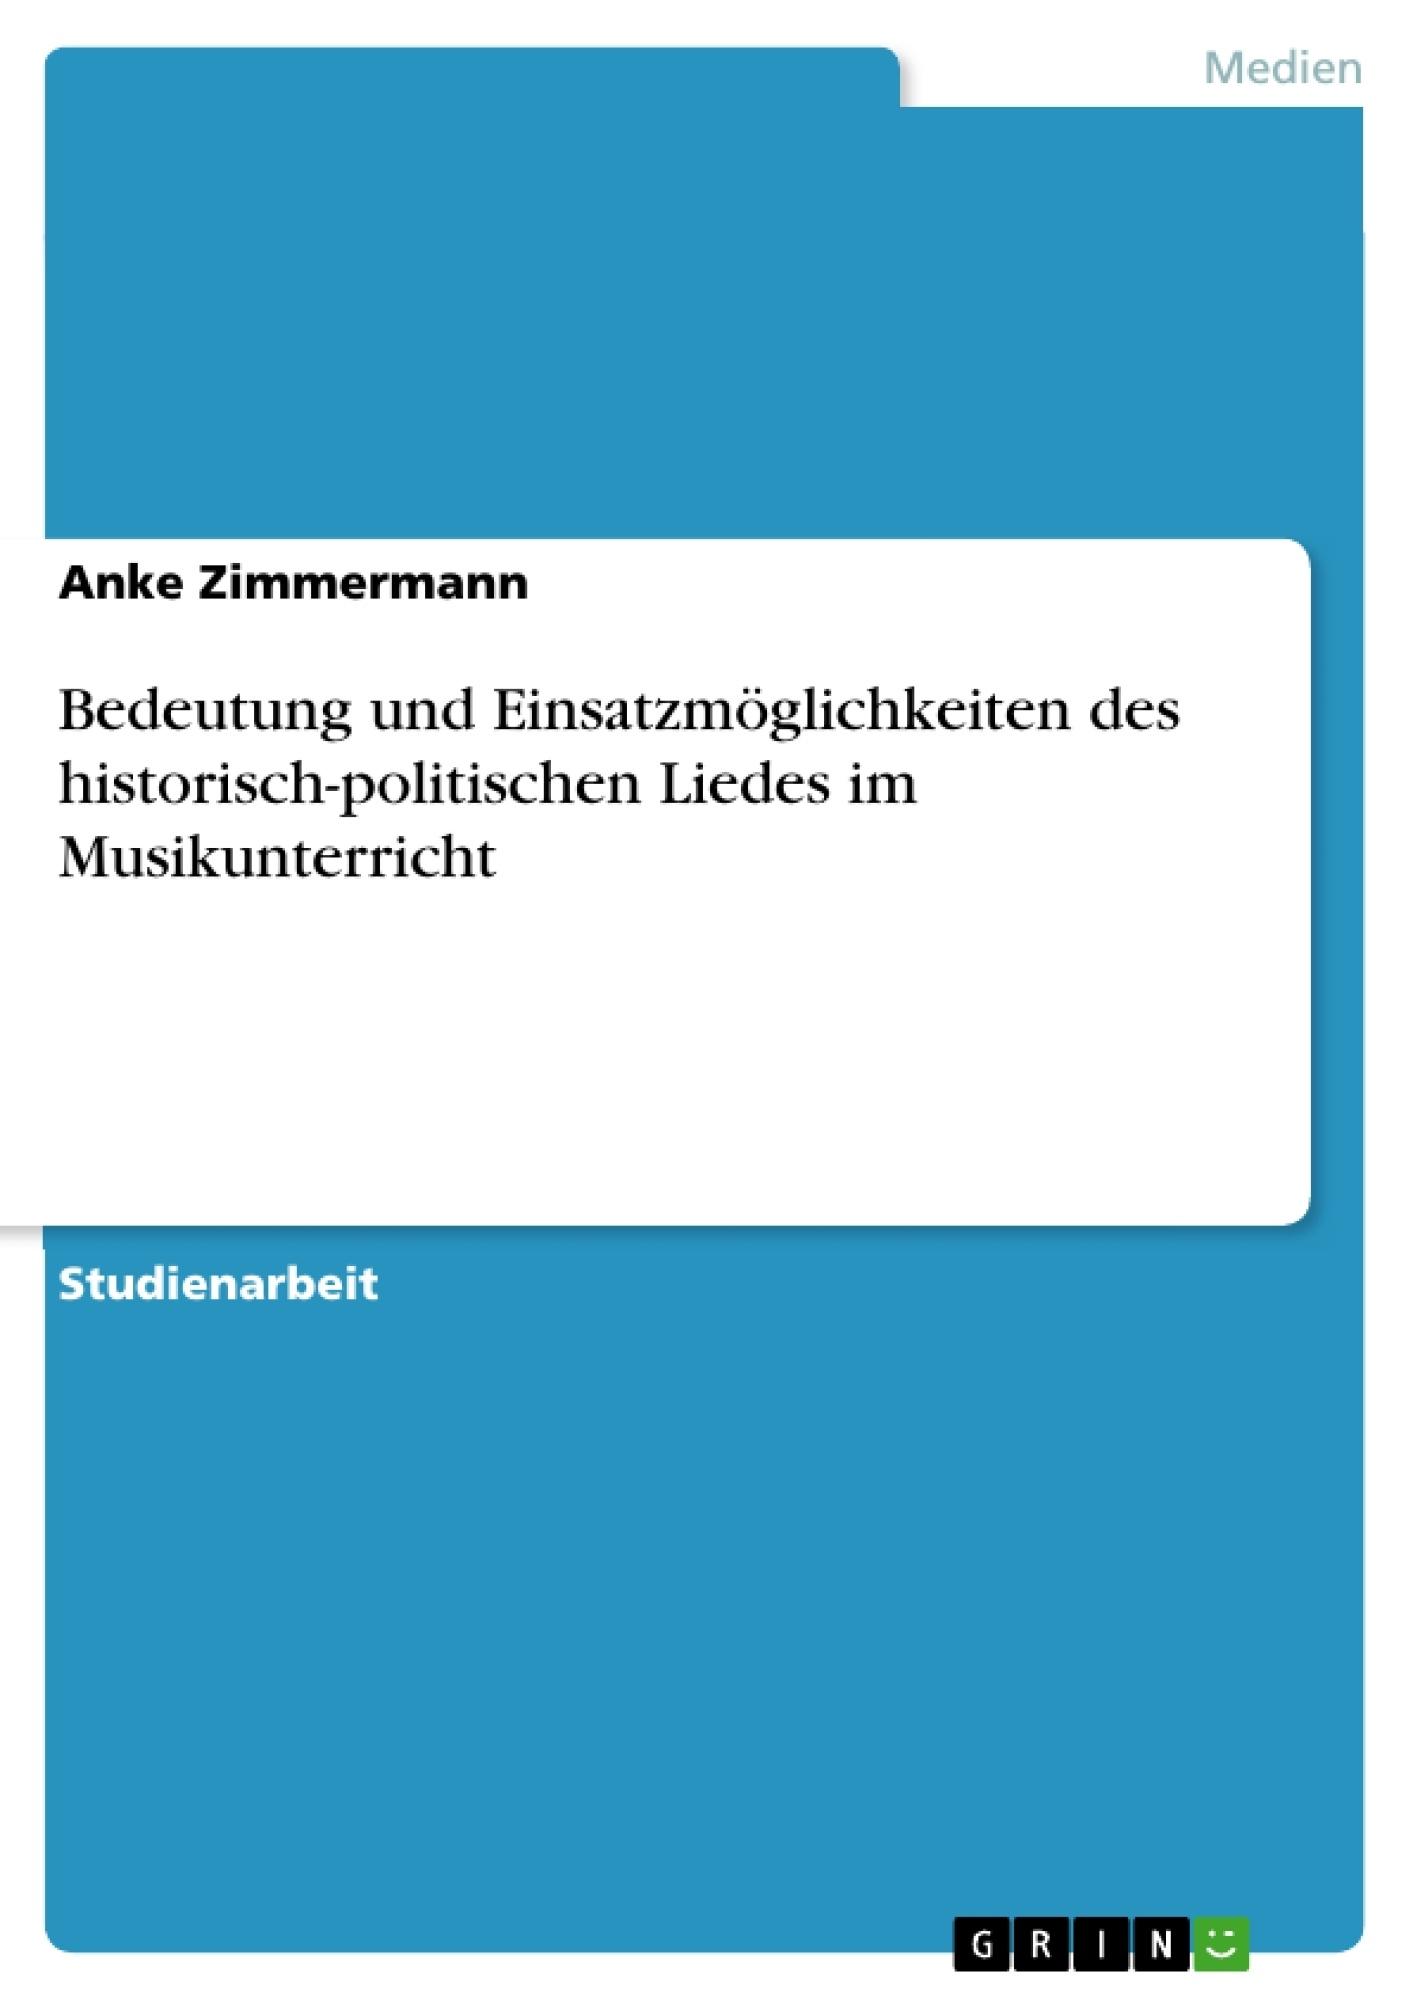 Titel: Bedeutung und Einsatzmöglichkeiten des historisch-politischen Liedes im Musikunterricht